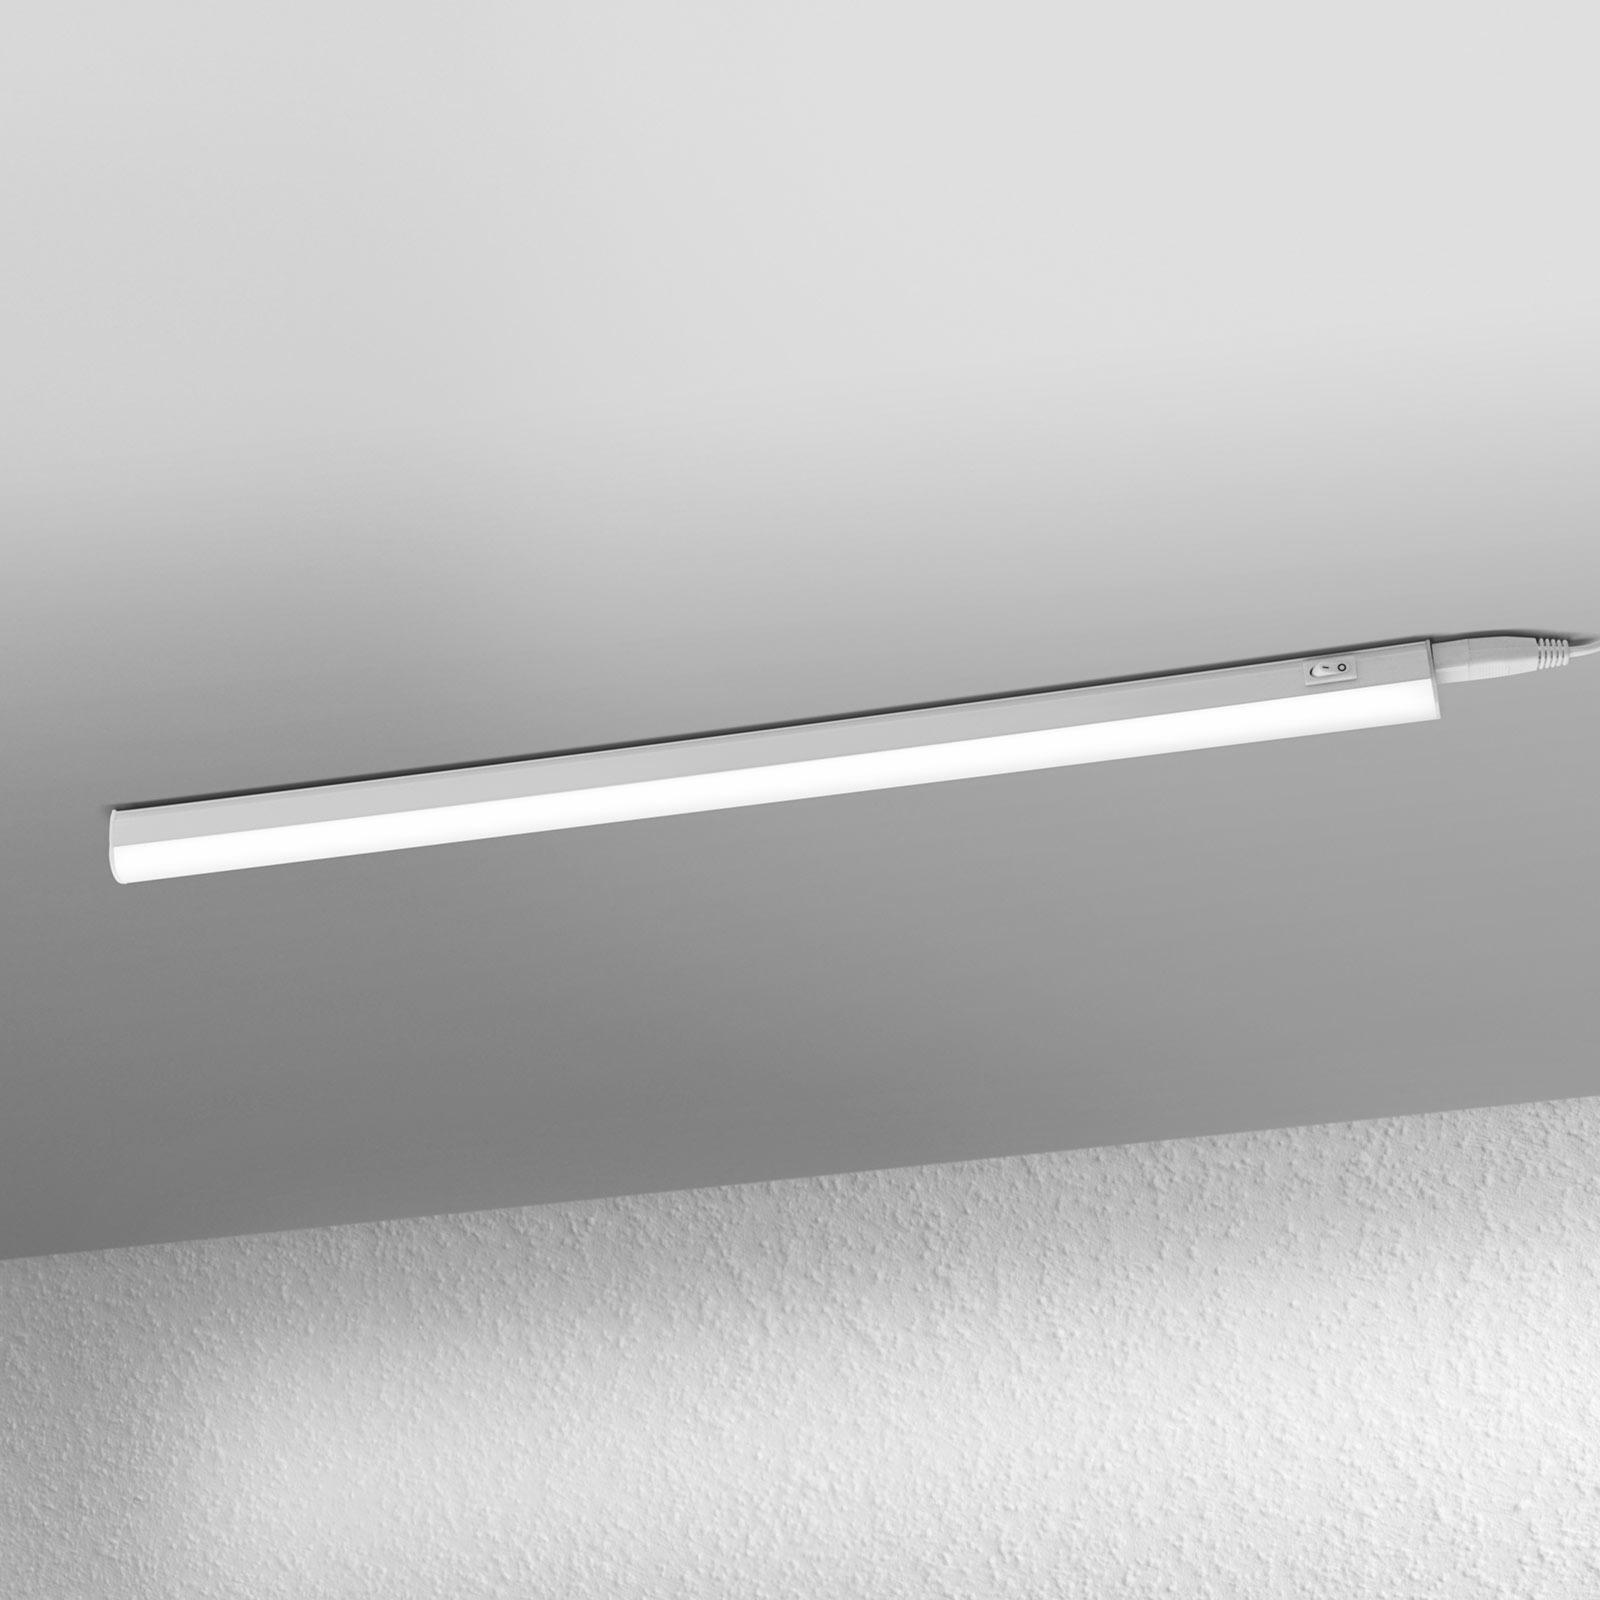 LEDVANCE Batten LED-benkarmatur 60cm 4 000 K